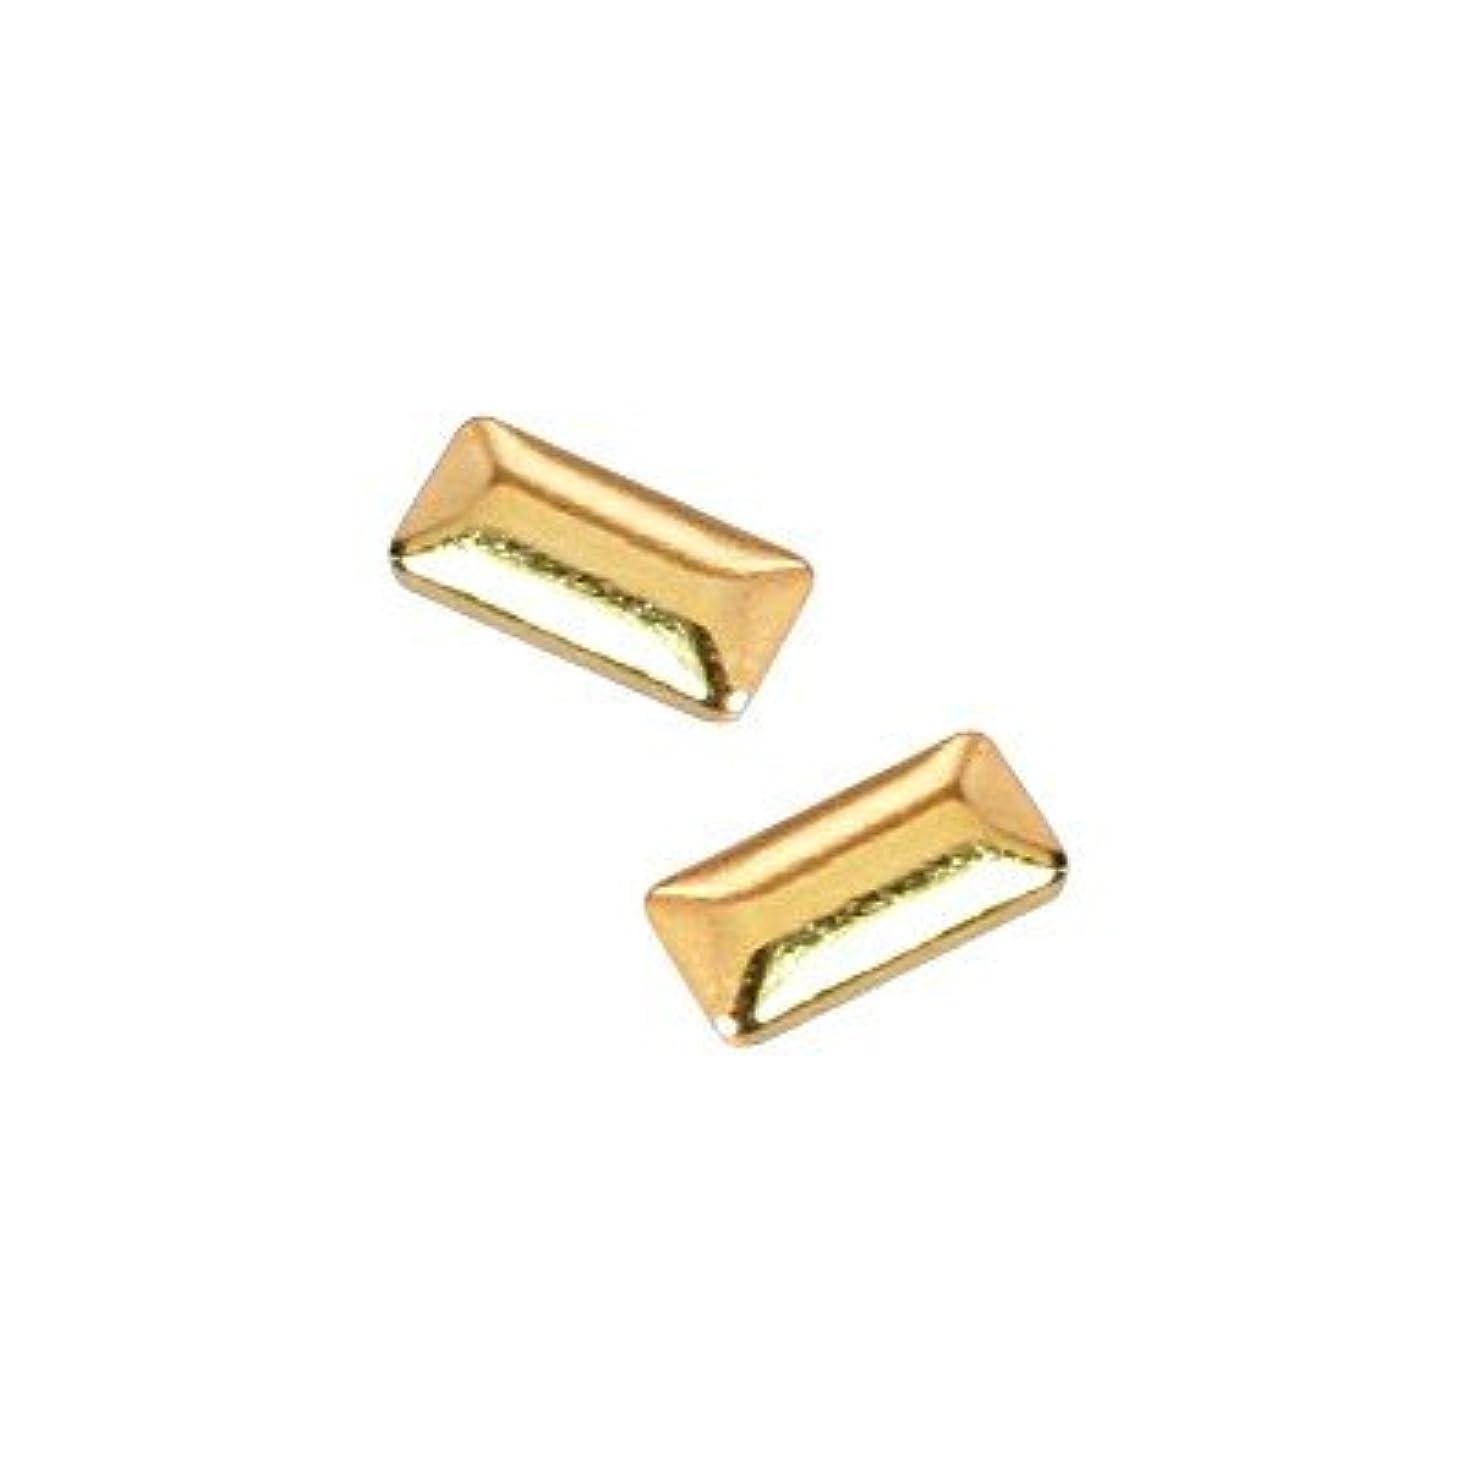 メディカル側面磁石ピアドラ スタッズ メタル長方形 1×3mm 50P ゴールド